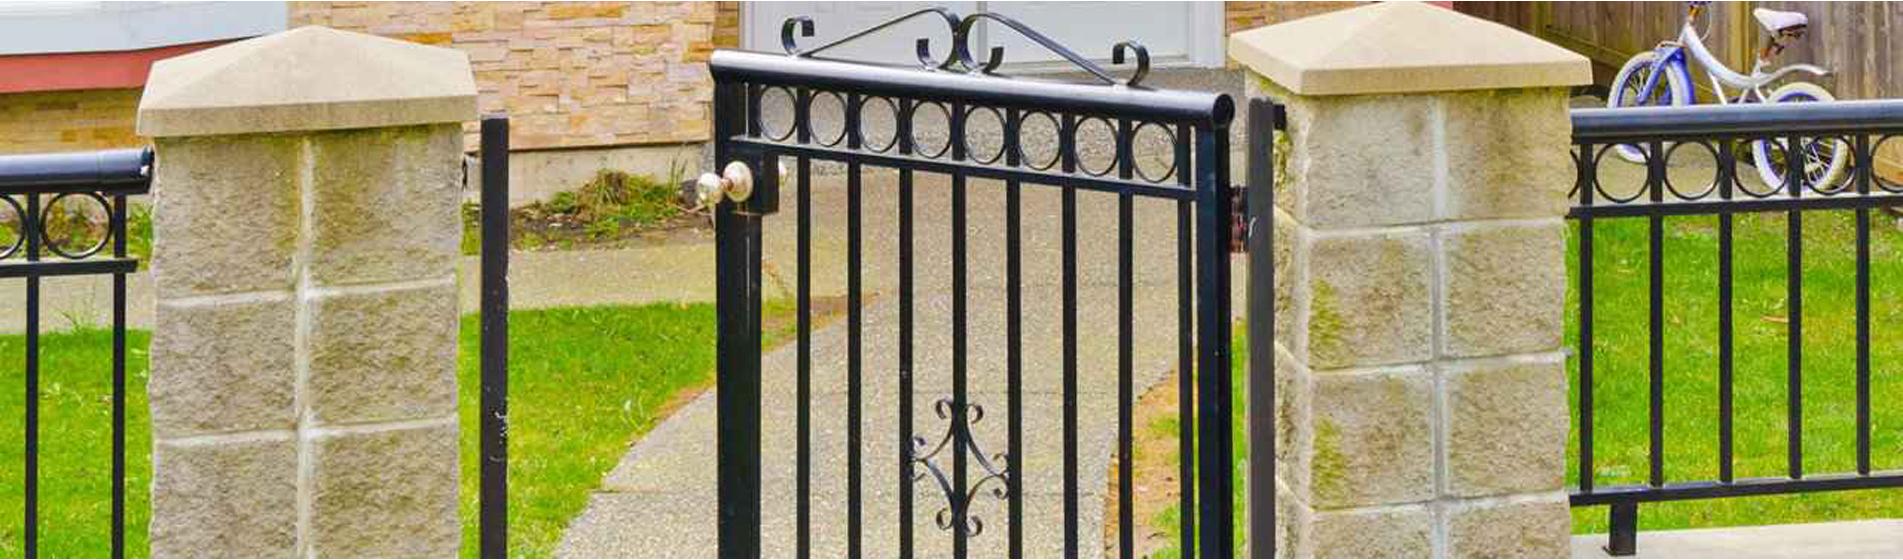 rénovation portail battant automatisé 84 Vaucluse